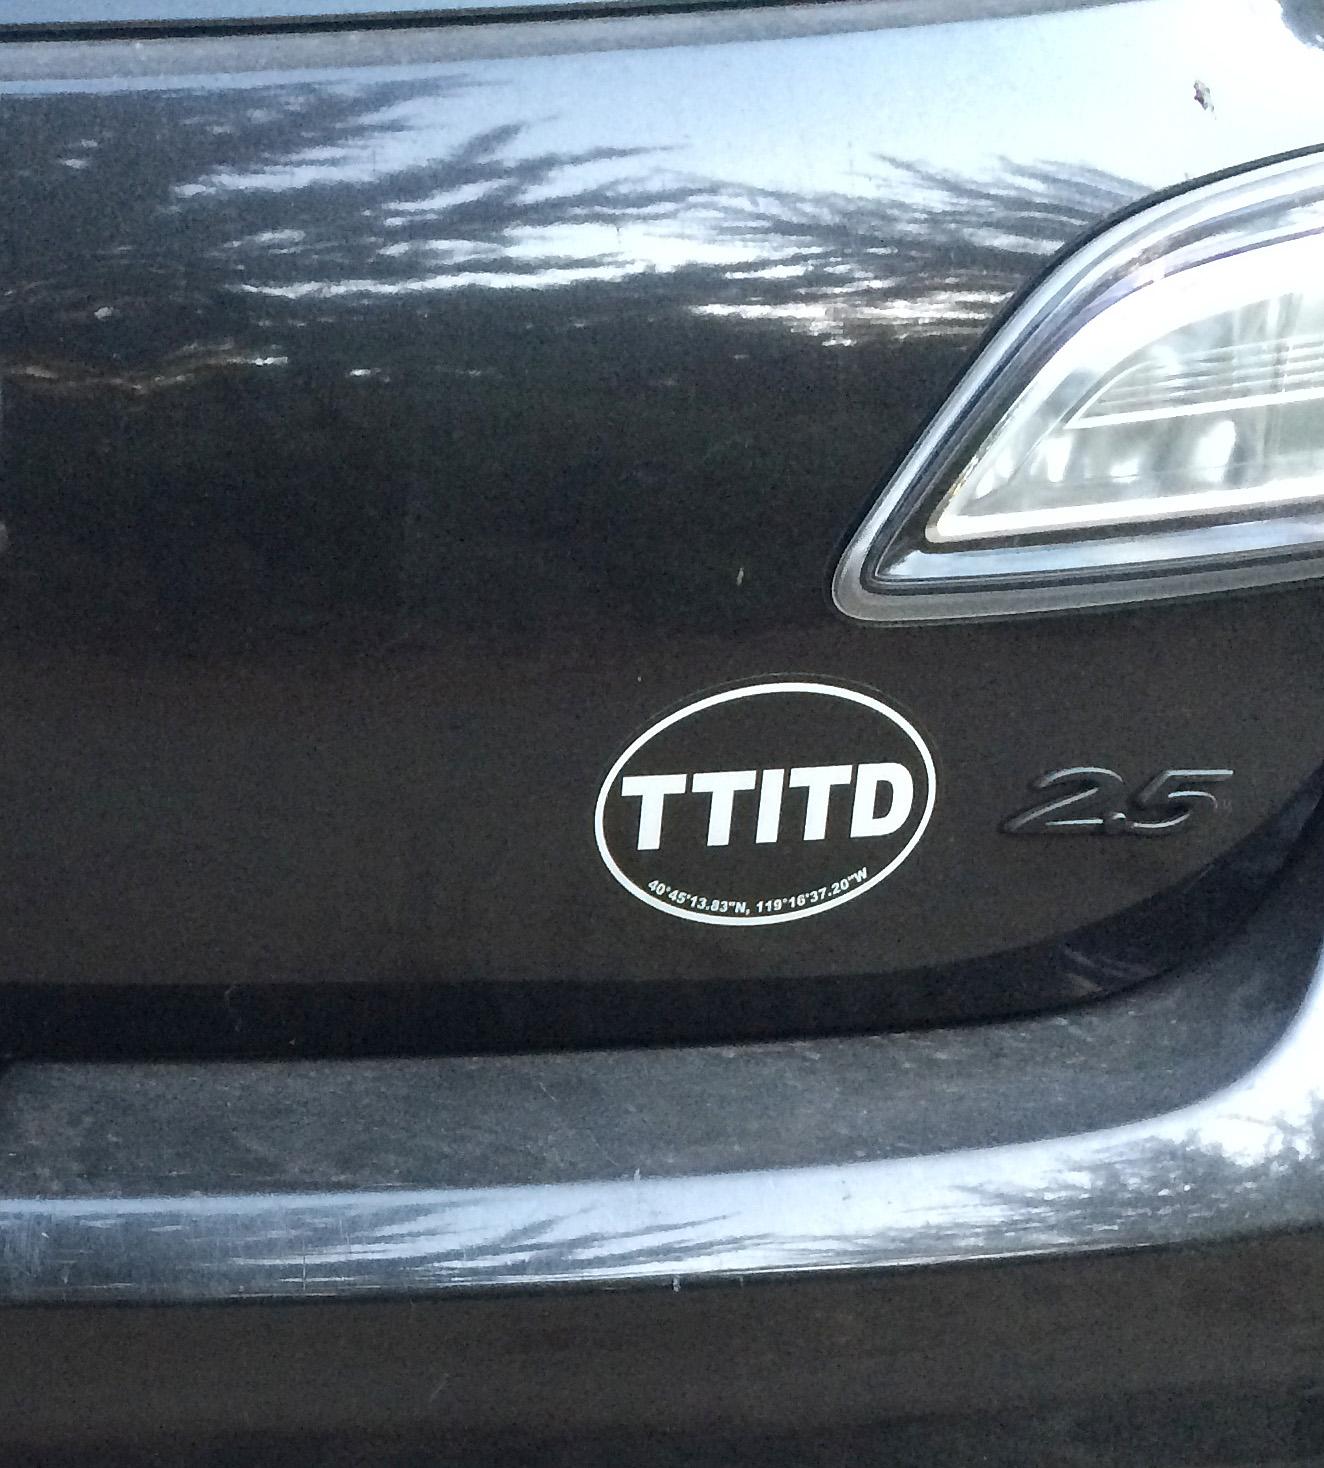 TTITD_0943